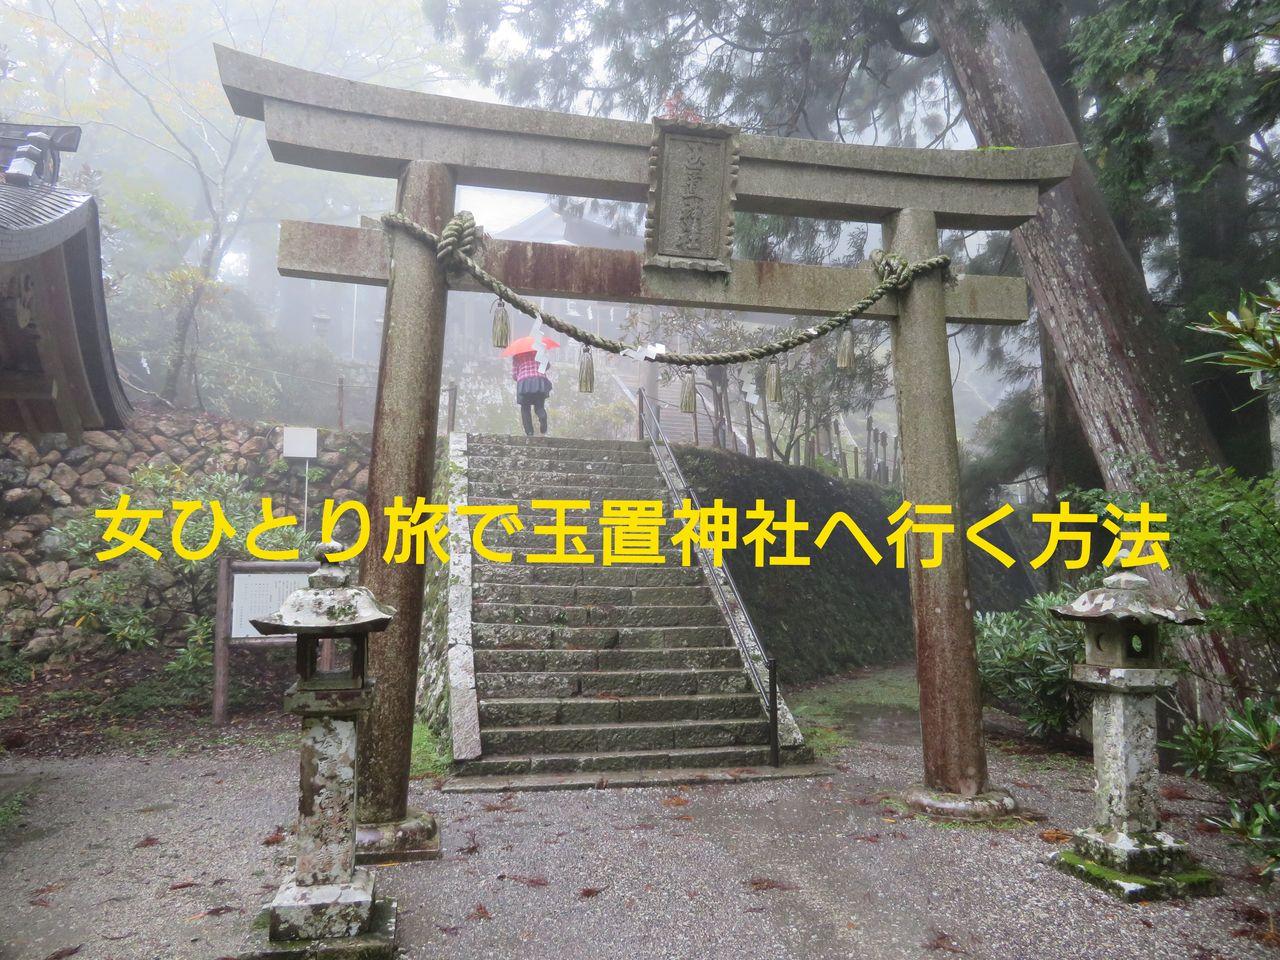 玉置 神社 行き方